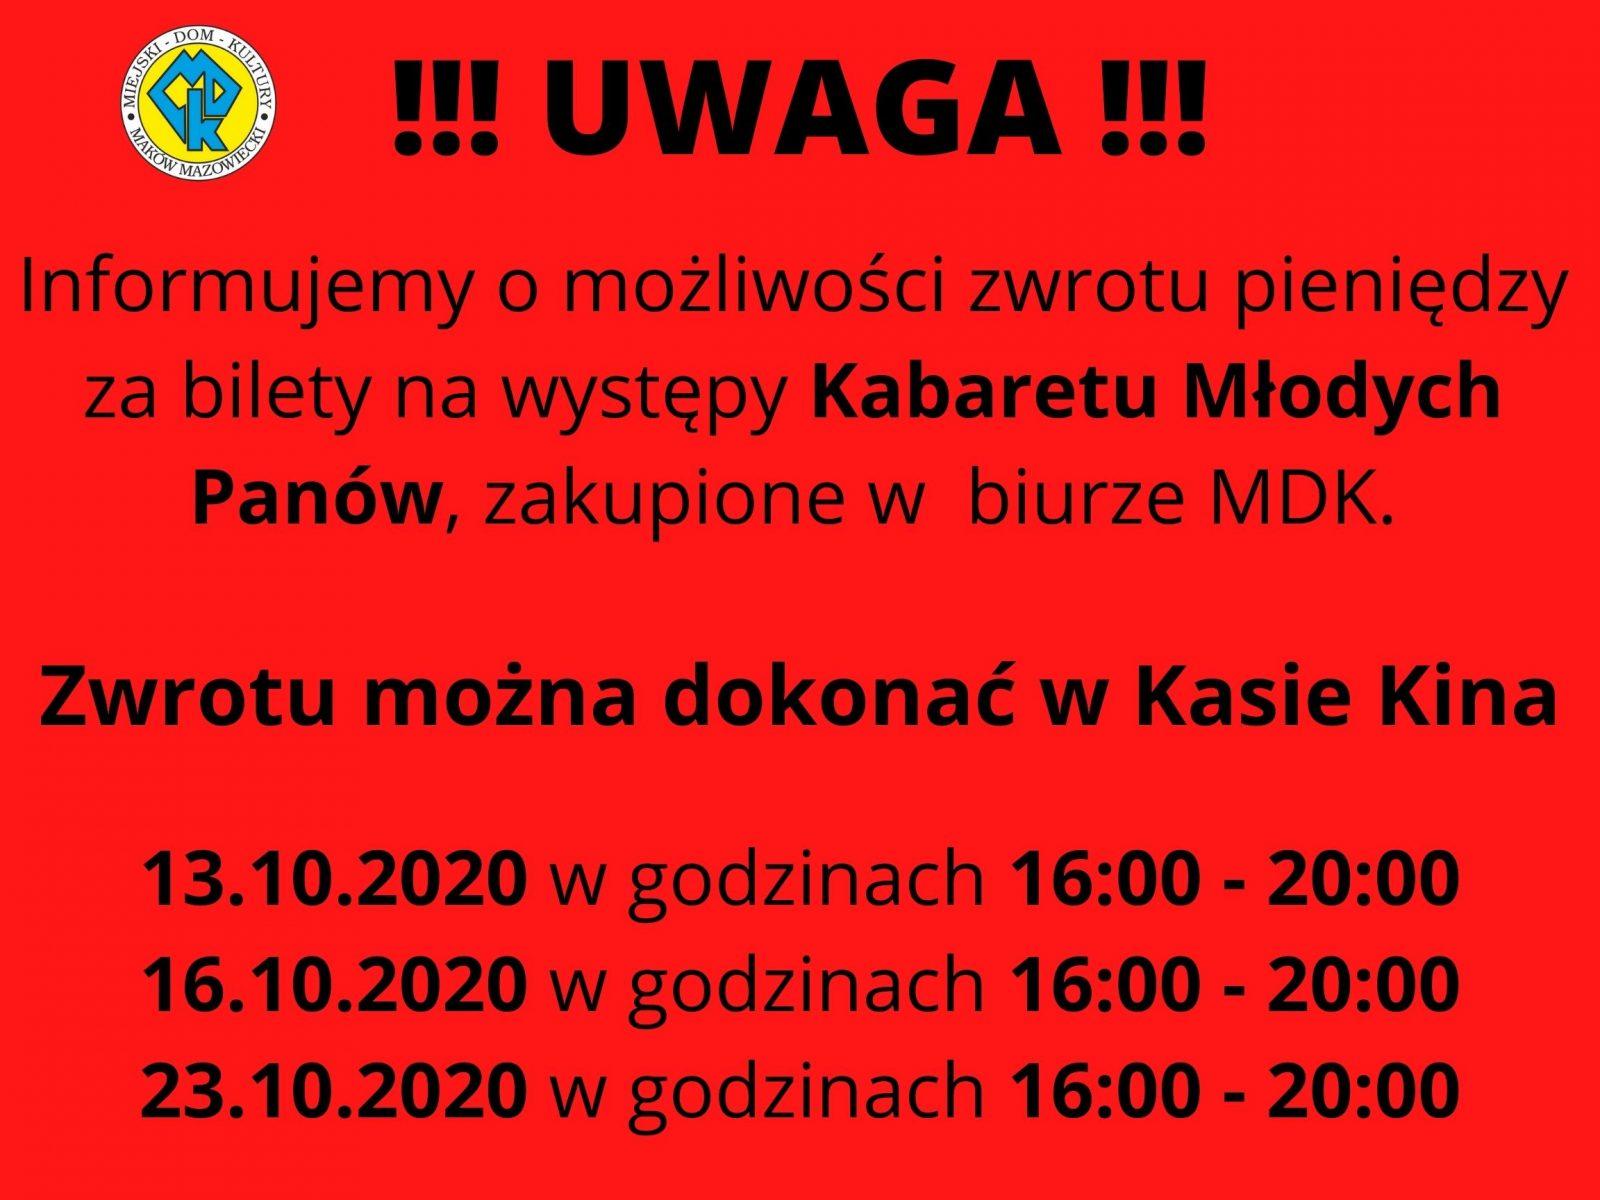 Grafika, na czerwonym tle napis informujący o możliwości i sposobie zwrotu pieniędzy za bilety zakupione w biurze MDK na występ Kabaretu Młodych Panów w związku ze zmianą terminu występu.